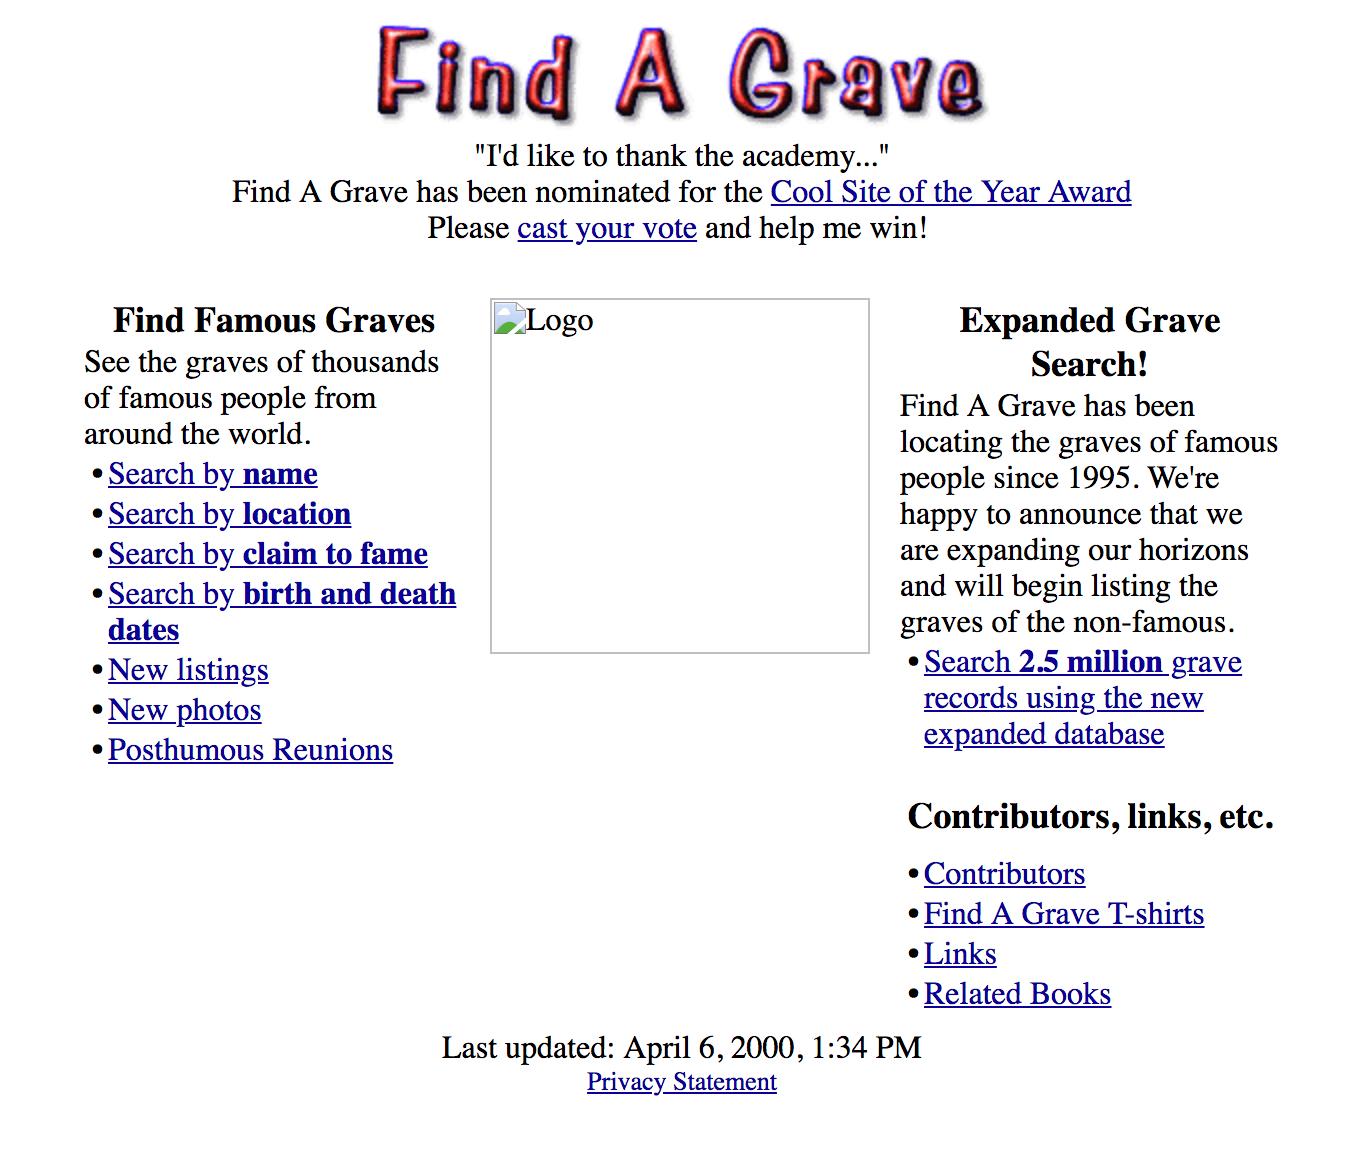 Original Find A Grave (1995-2018) - Find A Grave Memorial